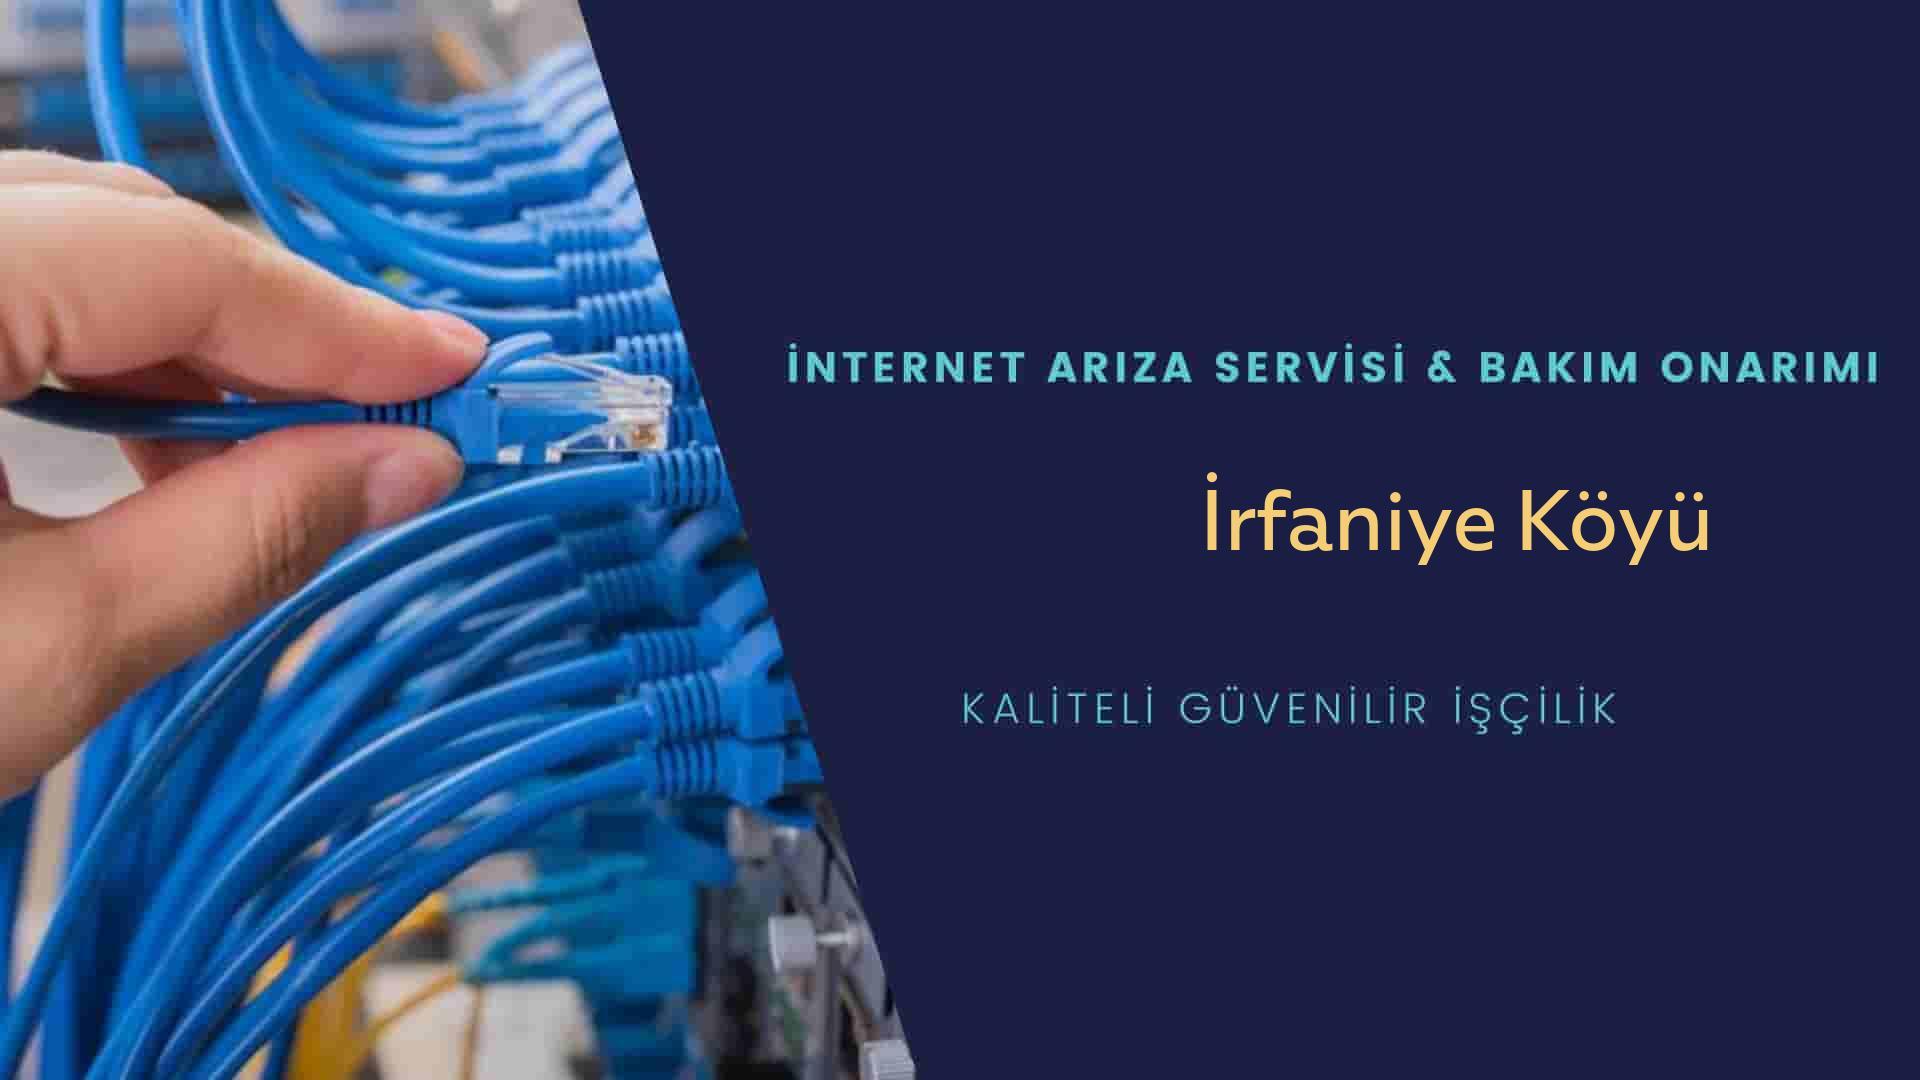 İrfaniye Köyü internet kablosu çekimi yapan yerler veya elektrikçiler mi? arıyorsunuz doğru yerdesiniz o zaman sizlere 7/24 yardımcı olacak profesyonel ustalarımız bir telefon kadar yakındır size.